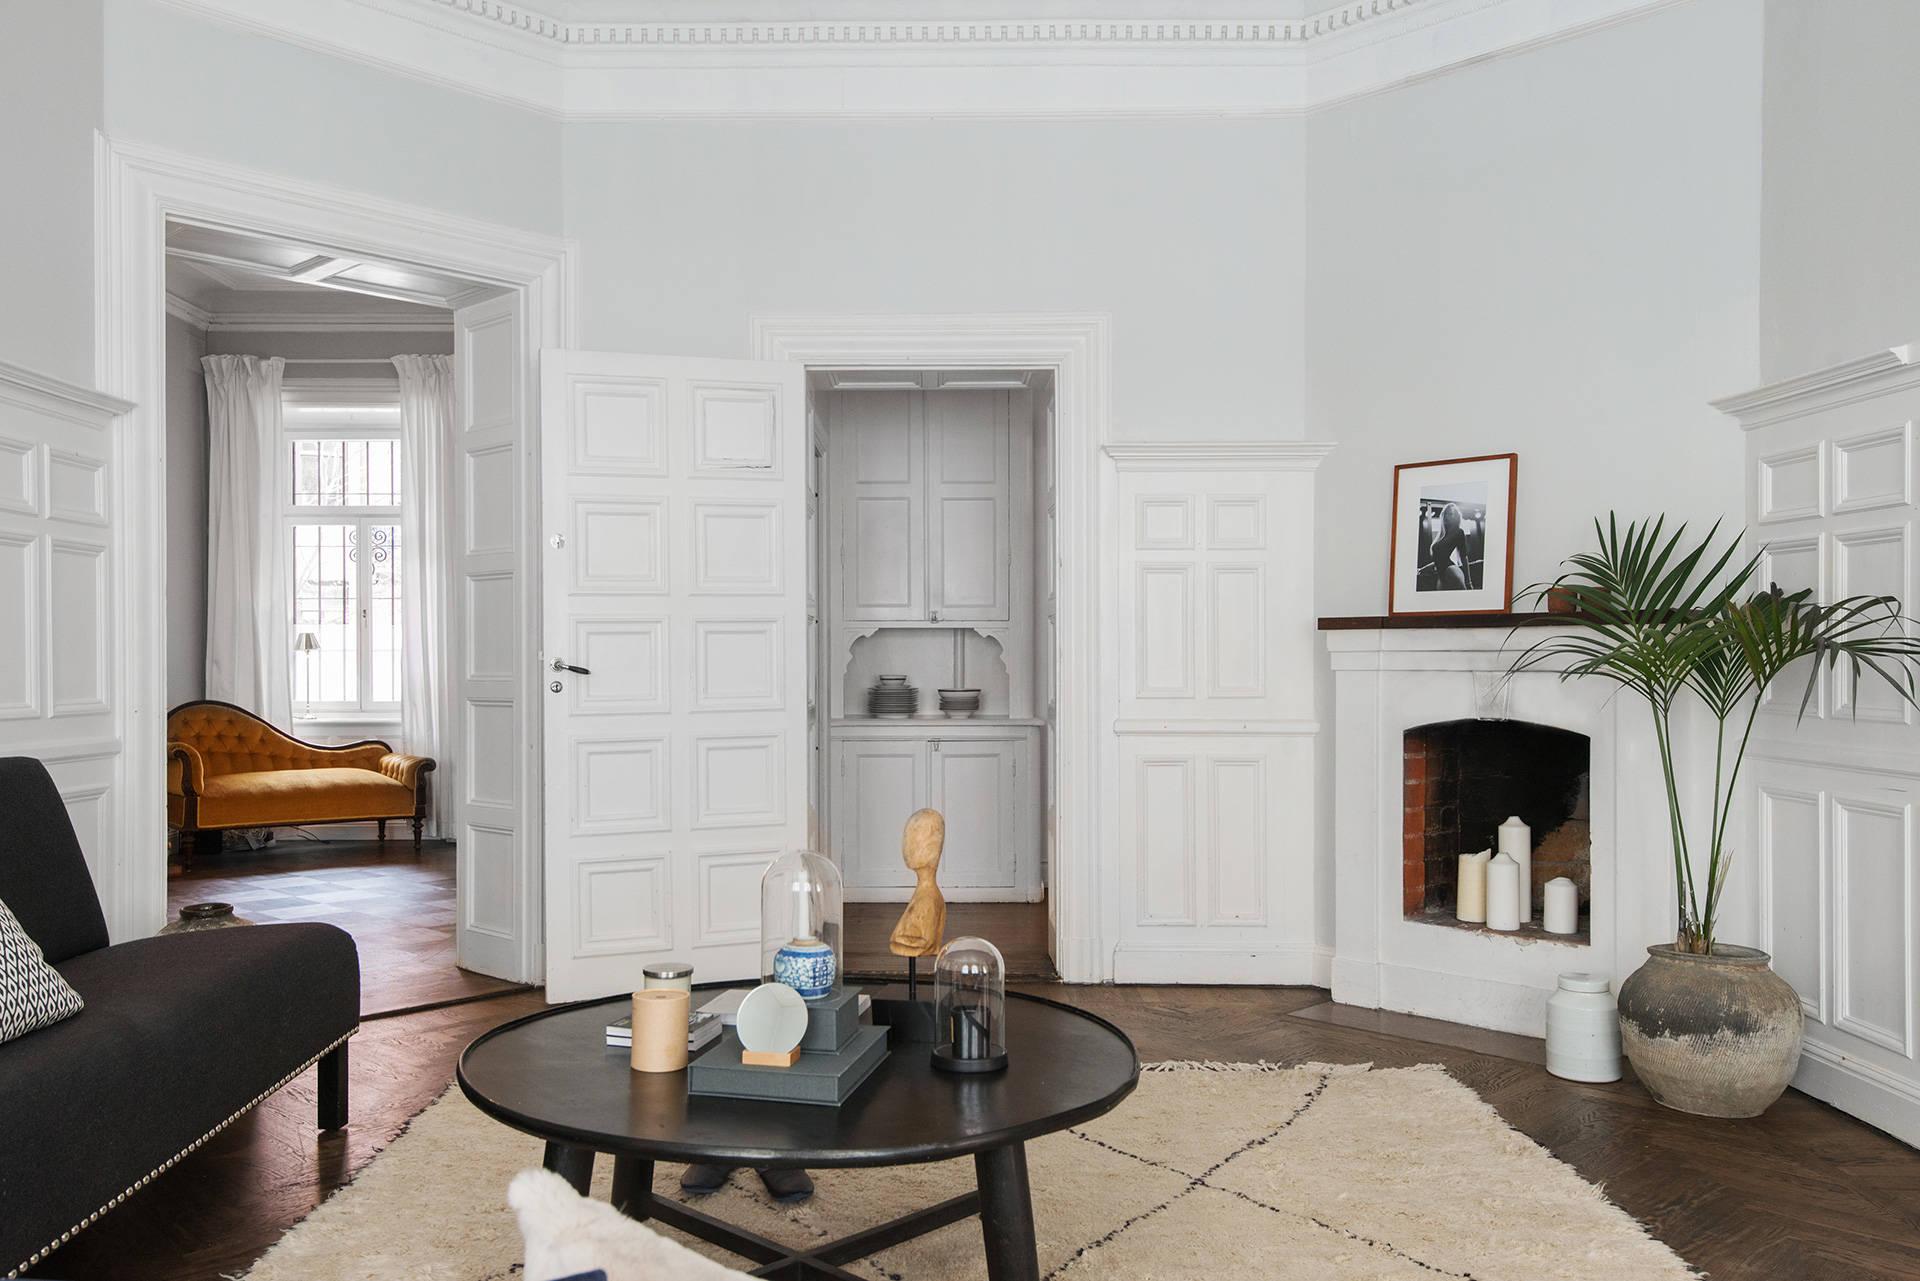 гостиная белые стены паркет молдинги стеновые панели камин ковер столик